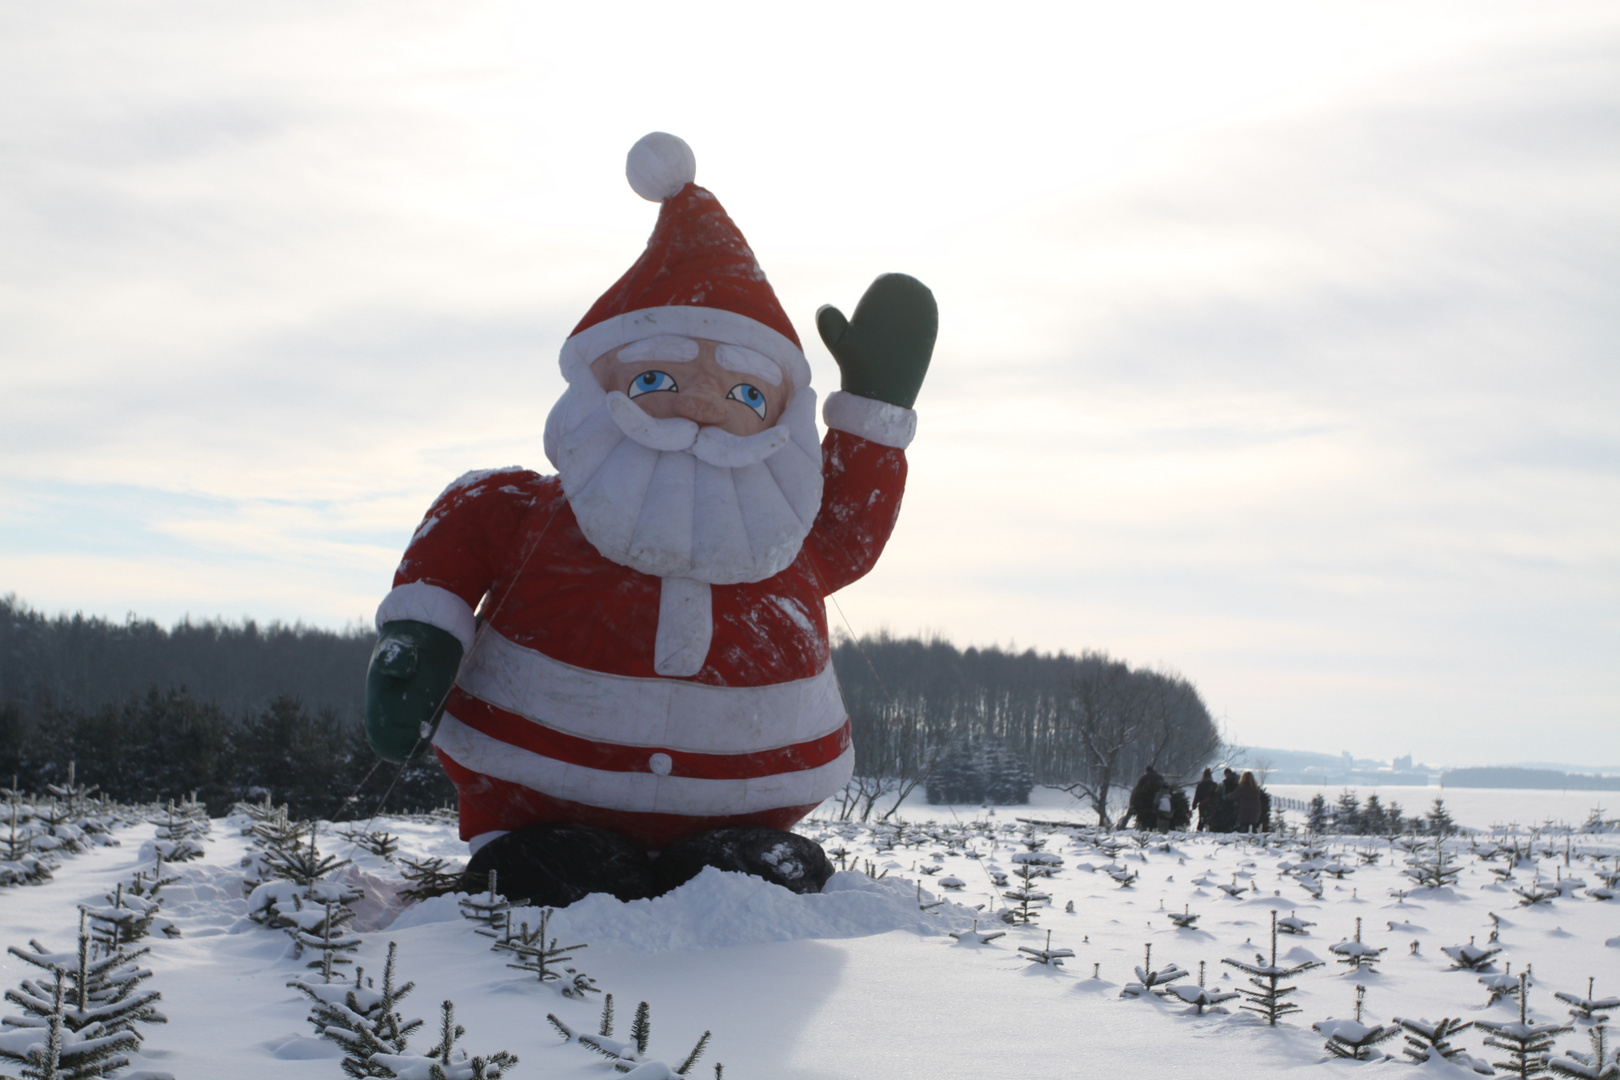 Ho-ho-ho